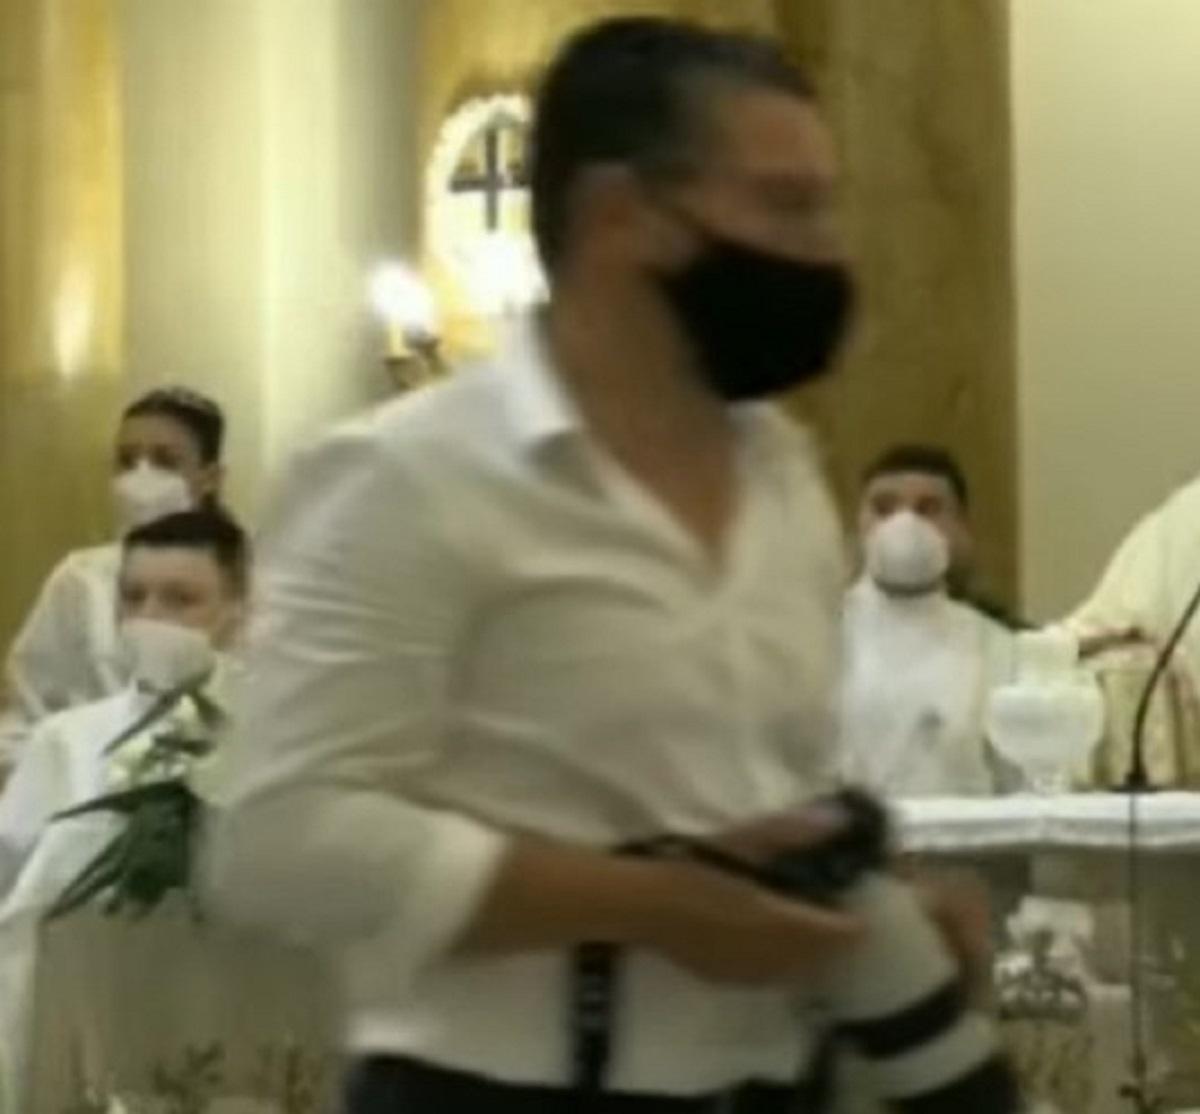 Acireale lite comunione Sebastiano Giovanni Grasso 43 anni ferito colpo pistola